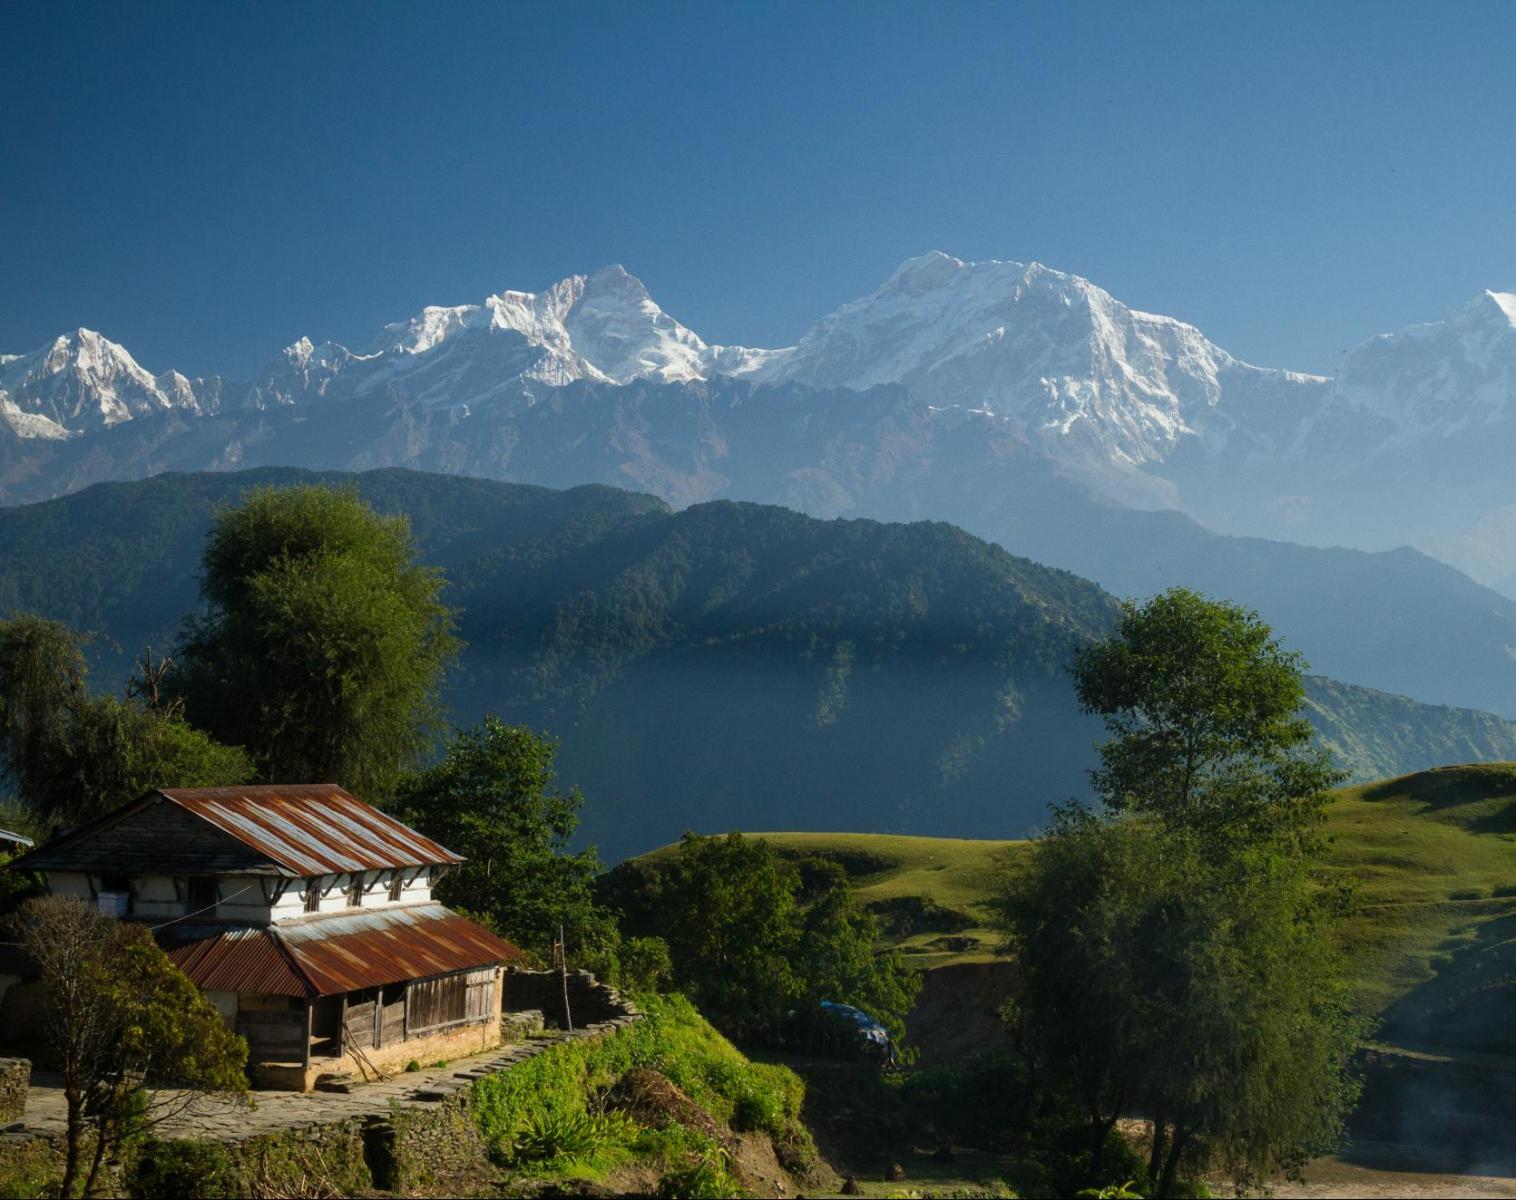 Népal  Balcons secrets des Annapurna   Trek & Randonnée Rencontres et cultures du Monde